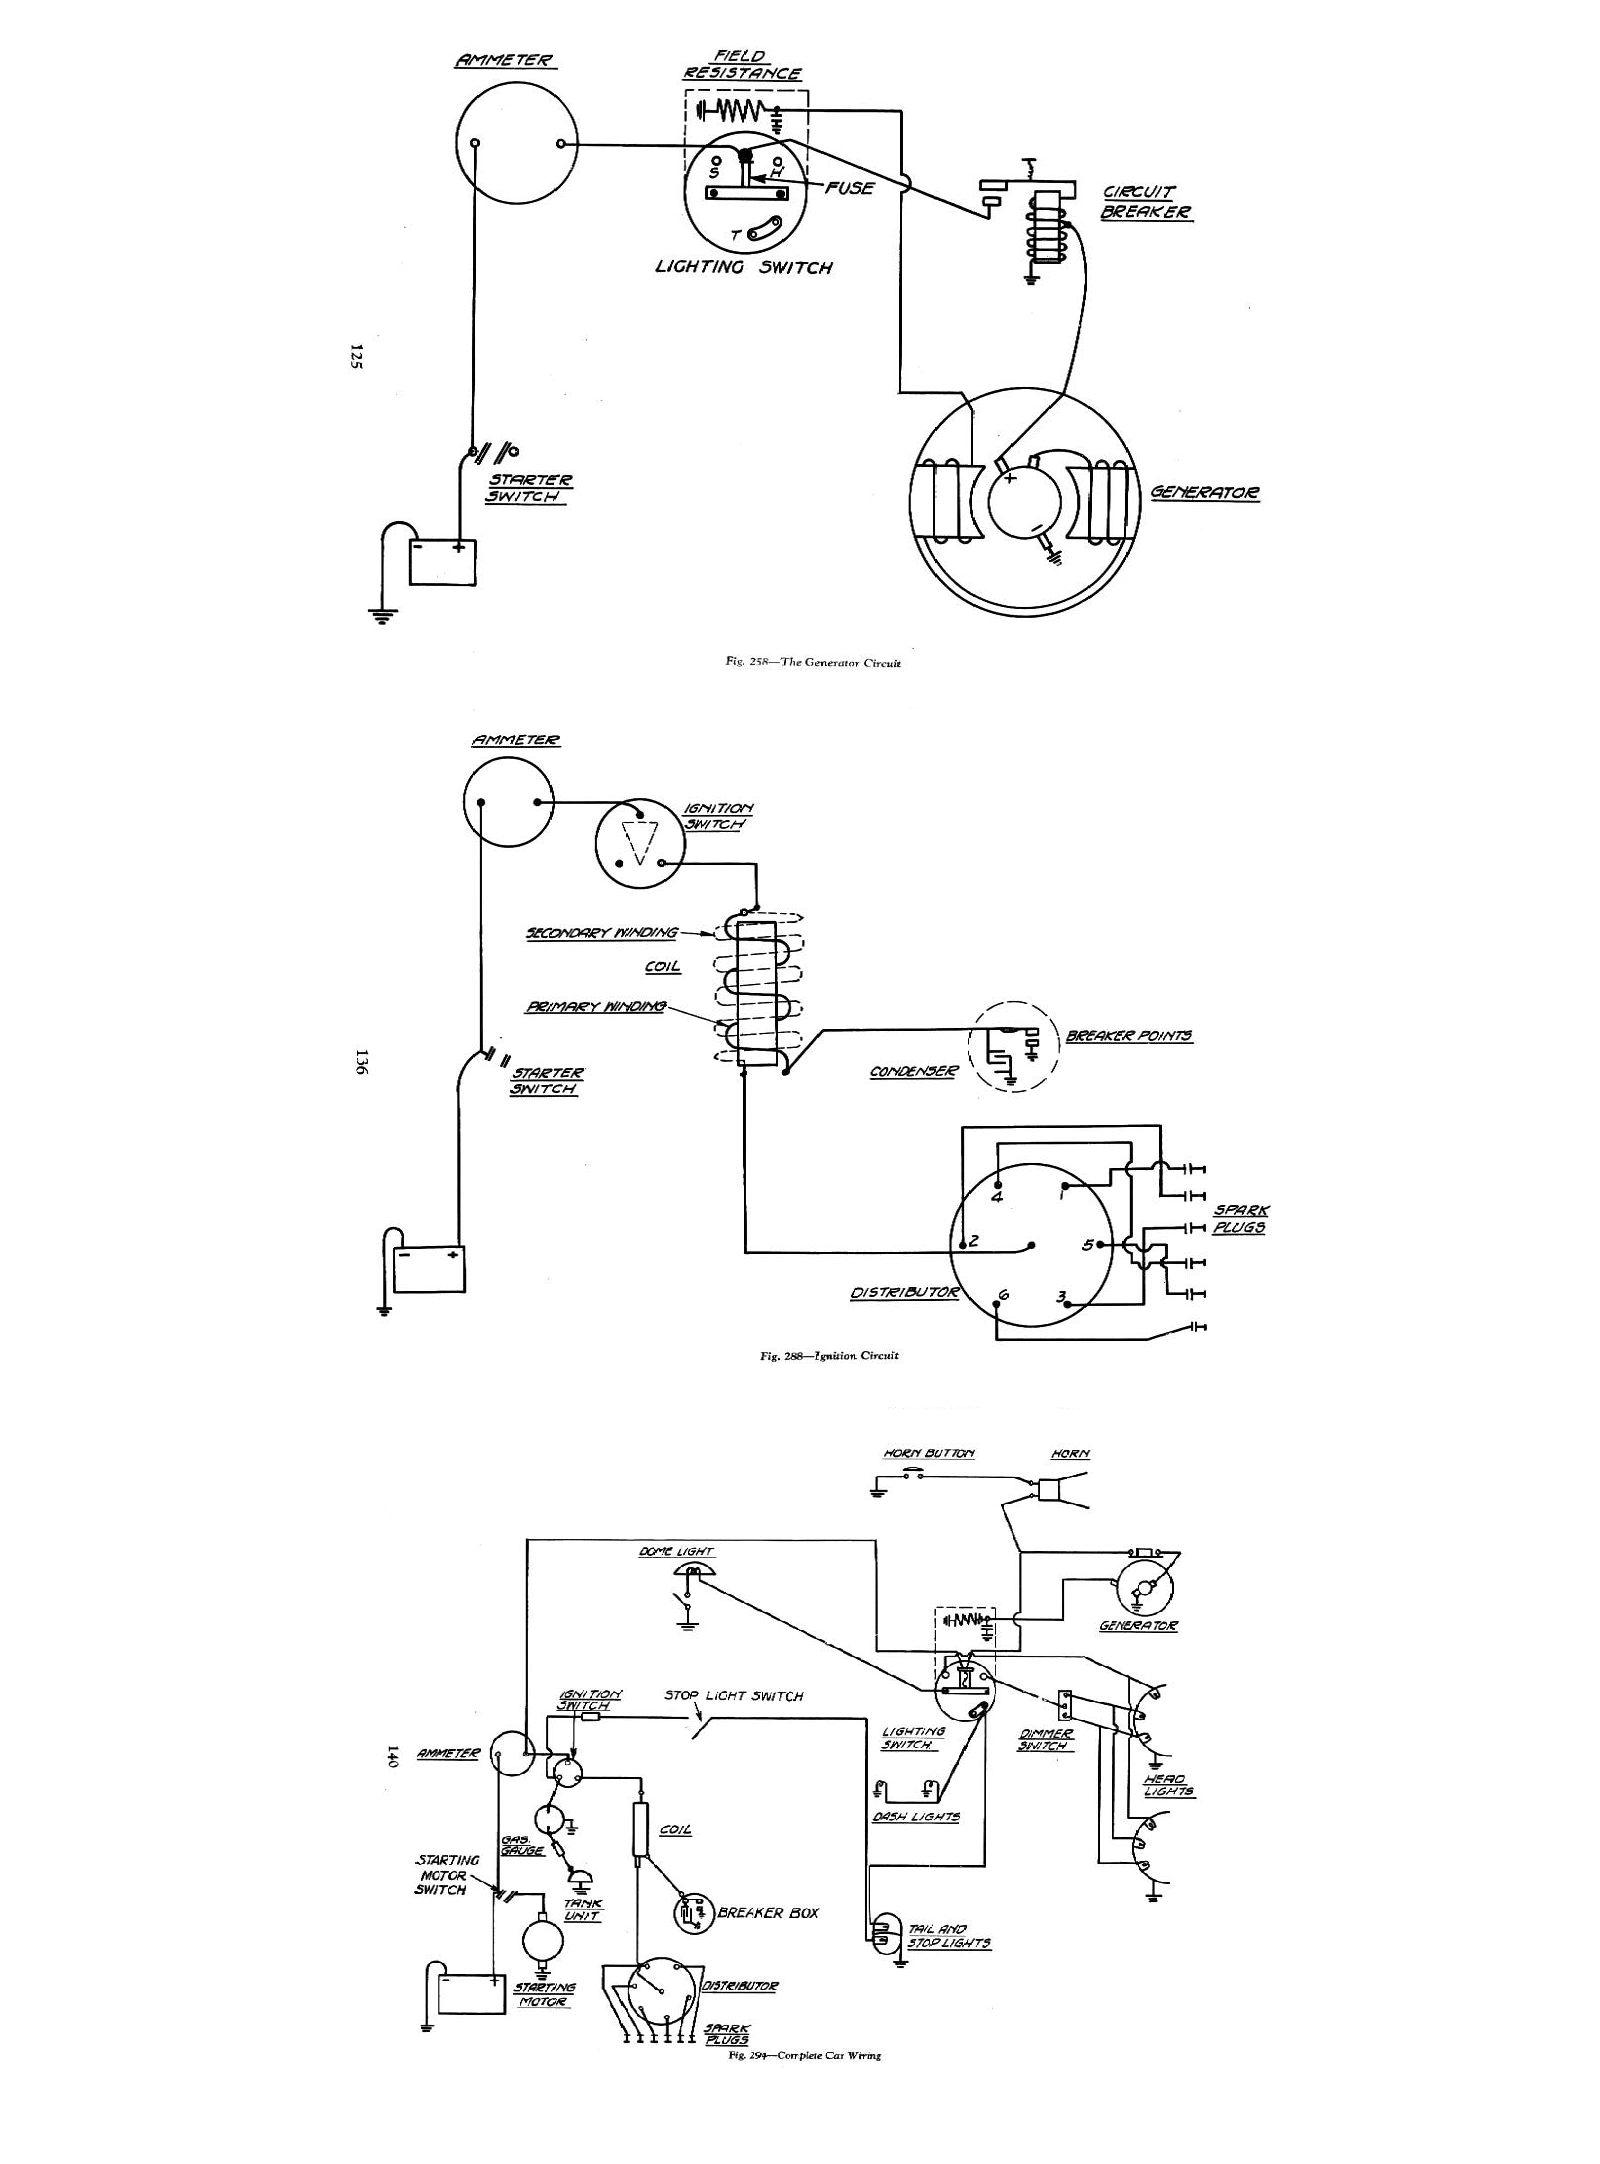 1951 chevrolet wiring harness